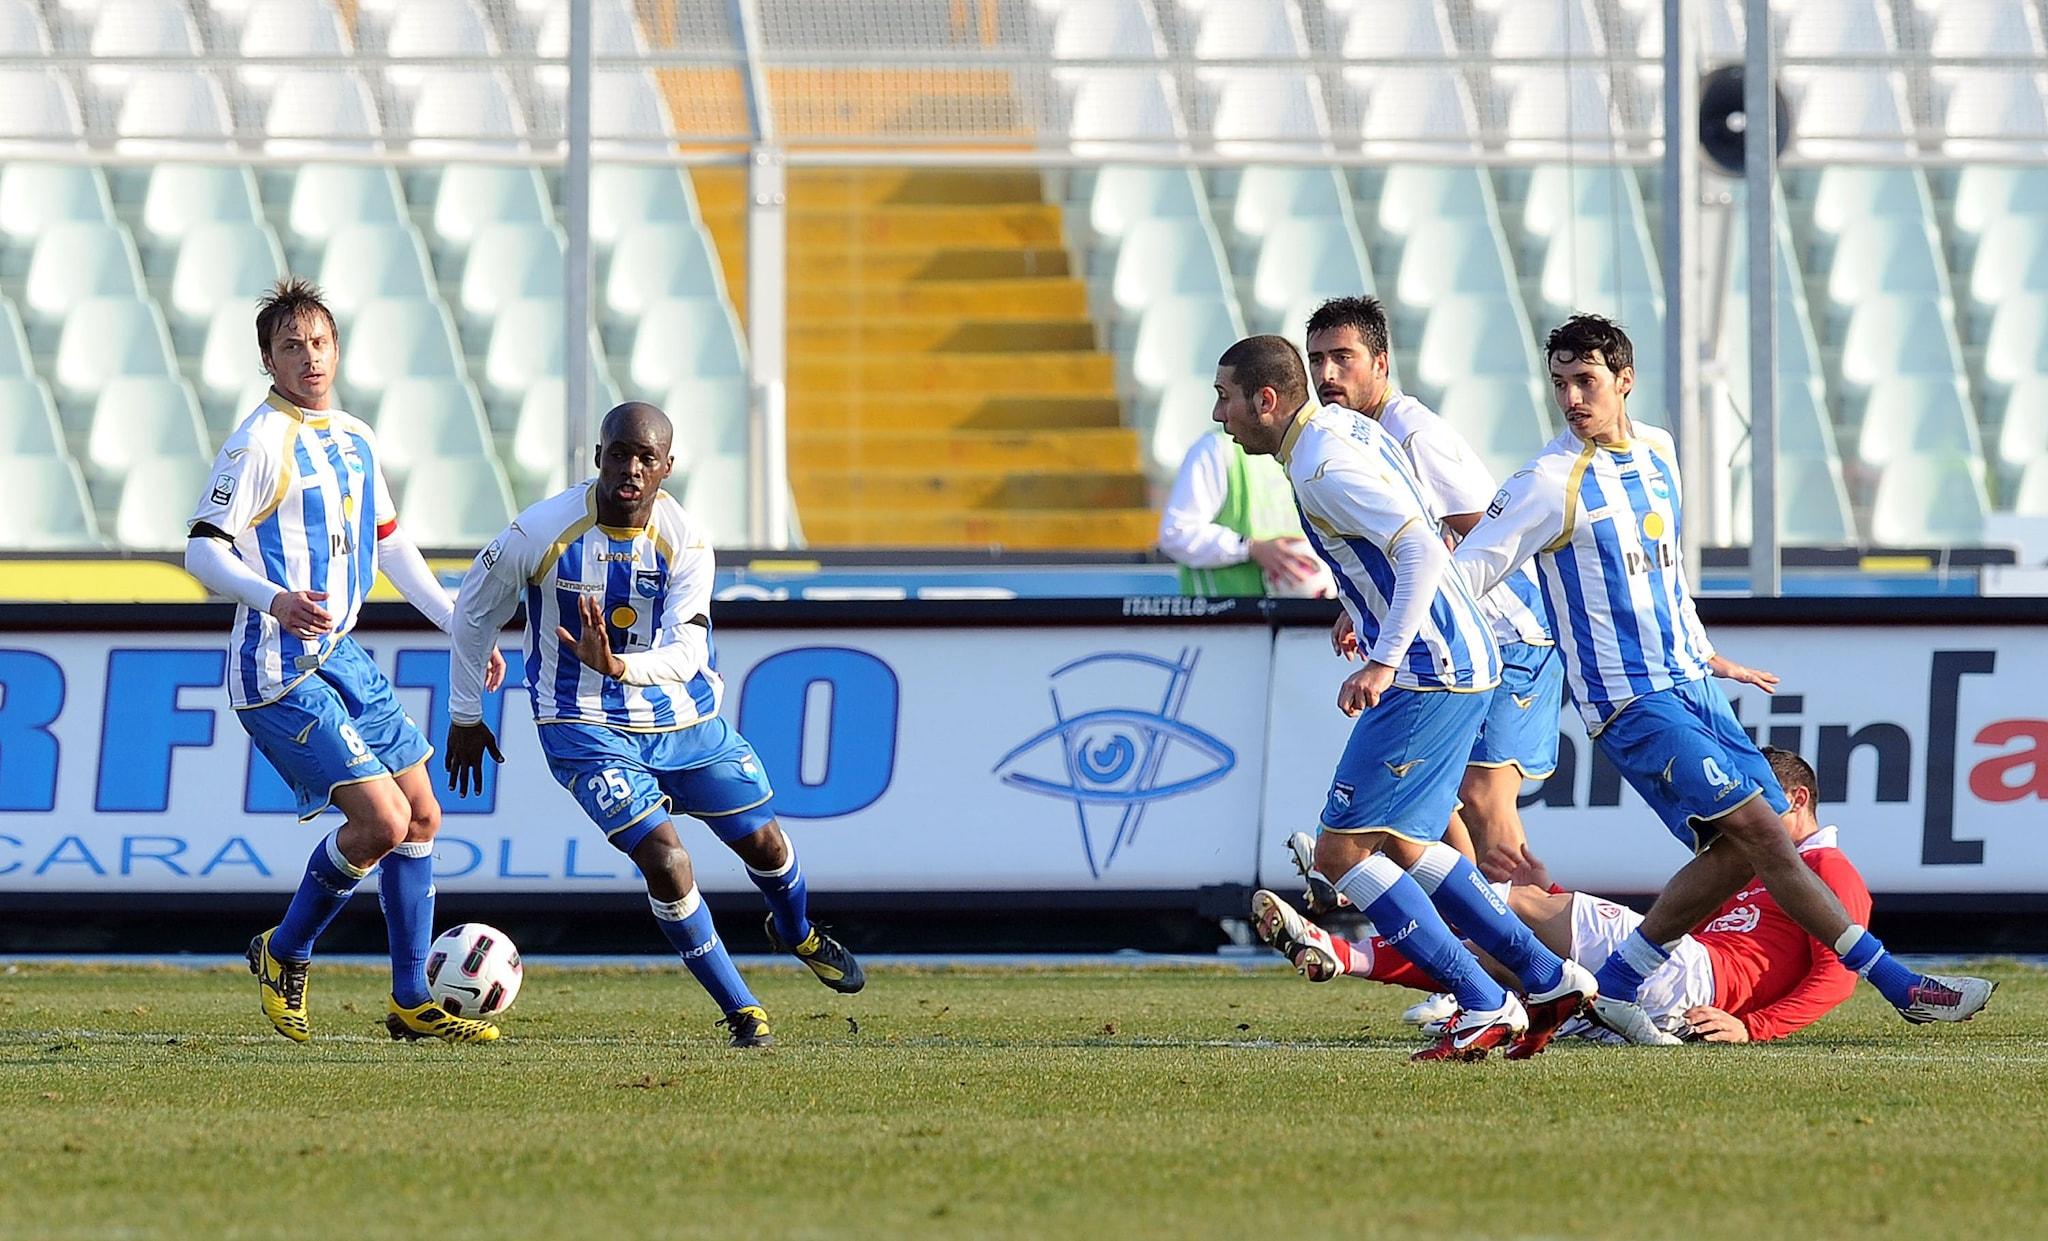 Il difensore maliano ha giocato per due stagioni con il Pescara.